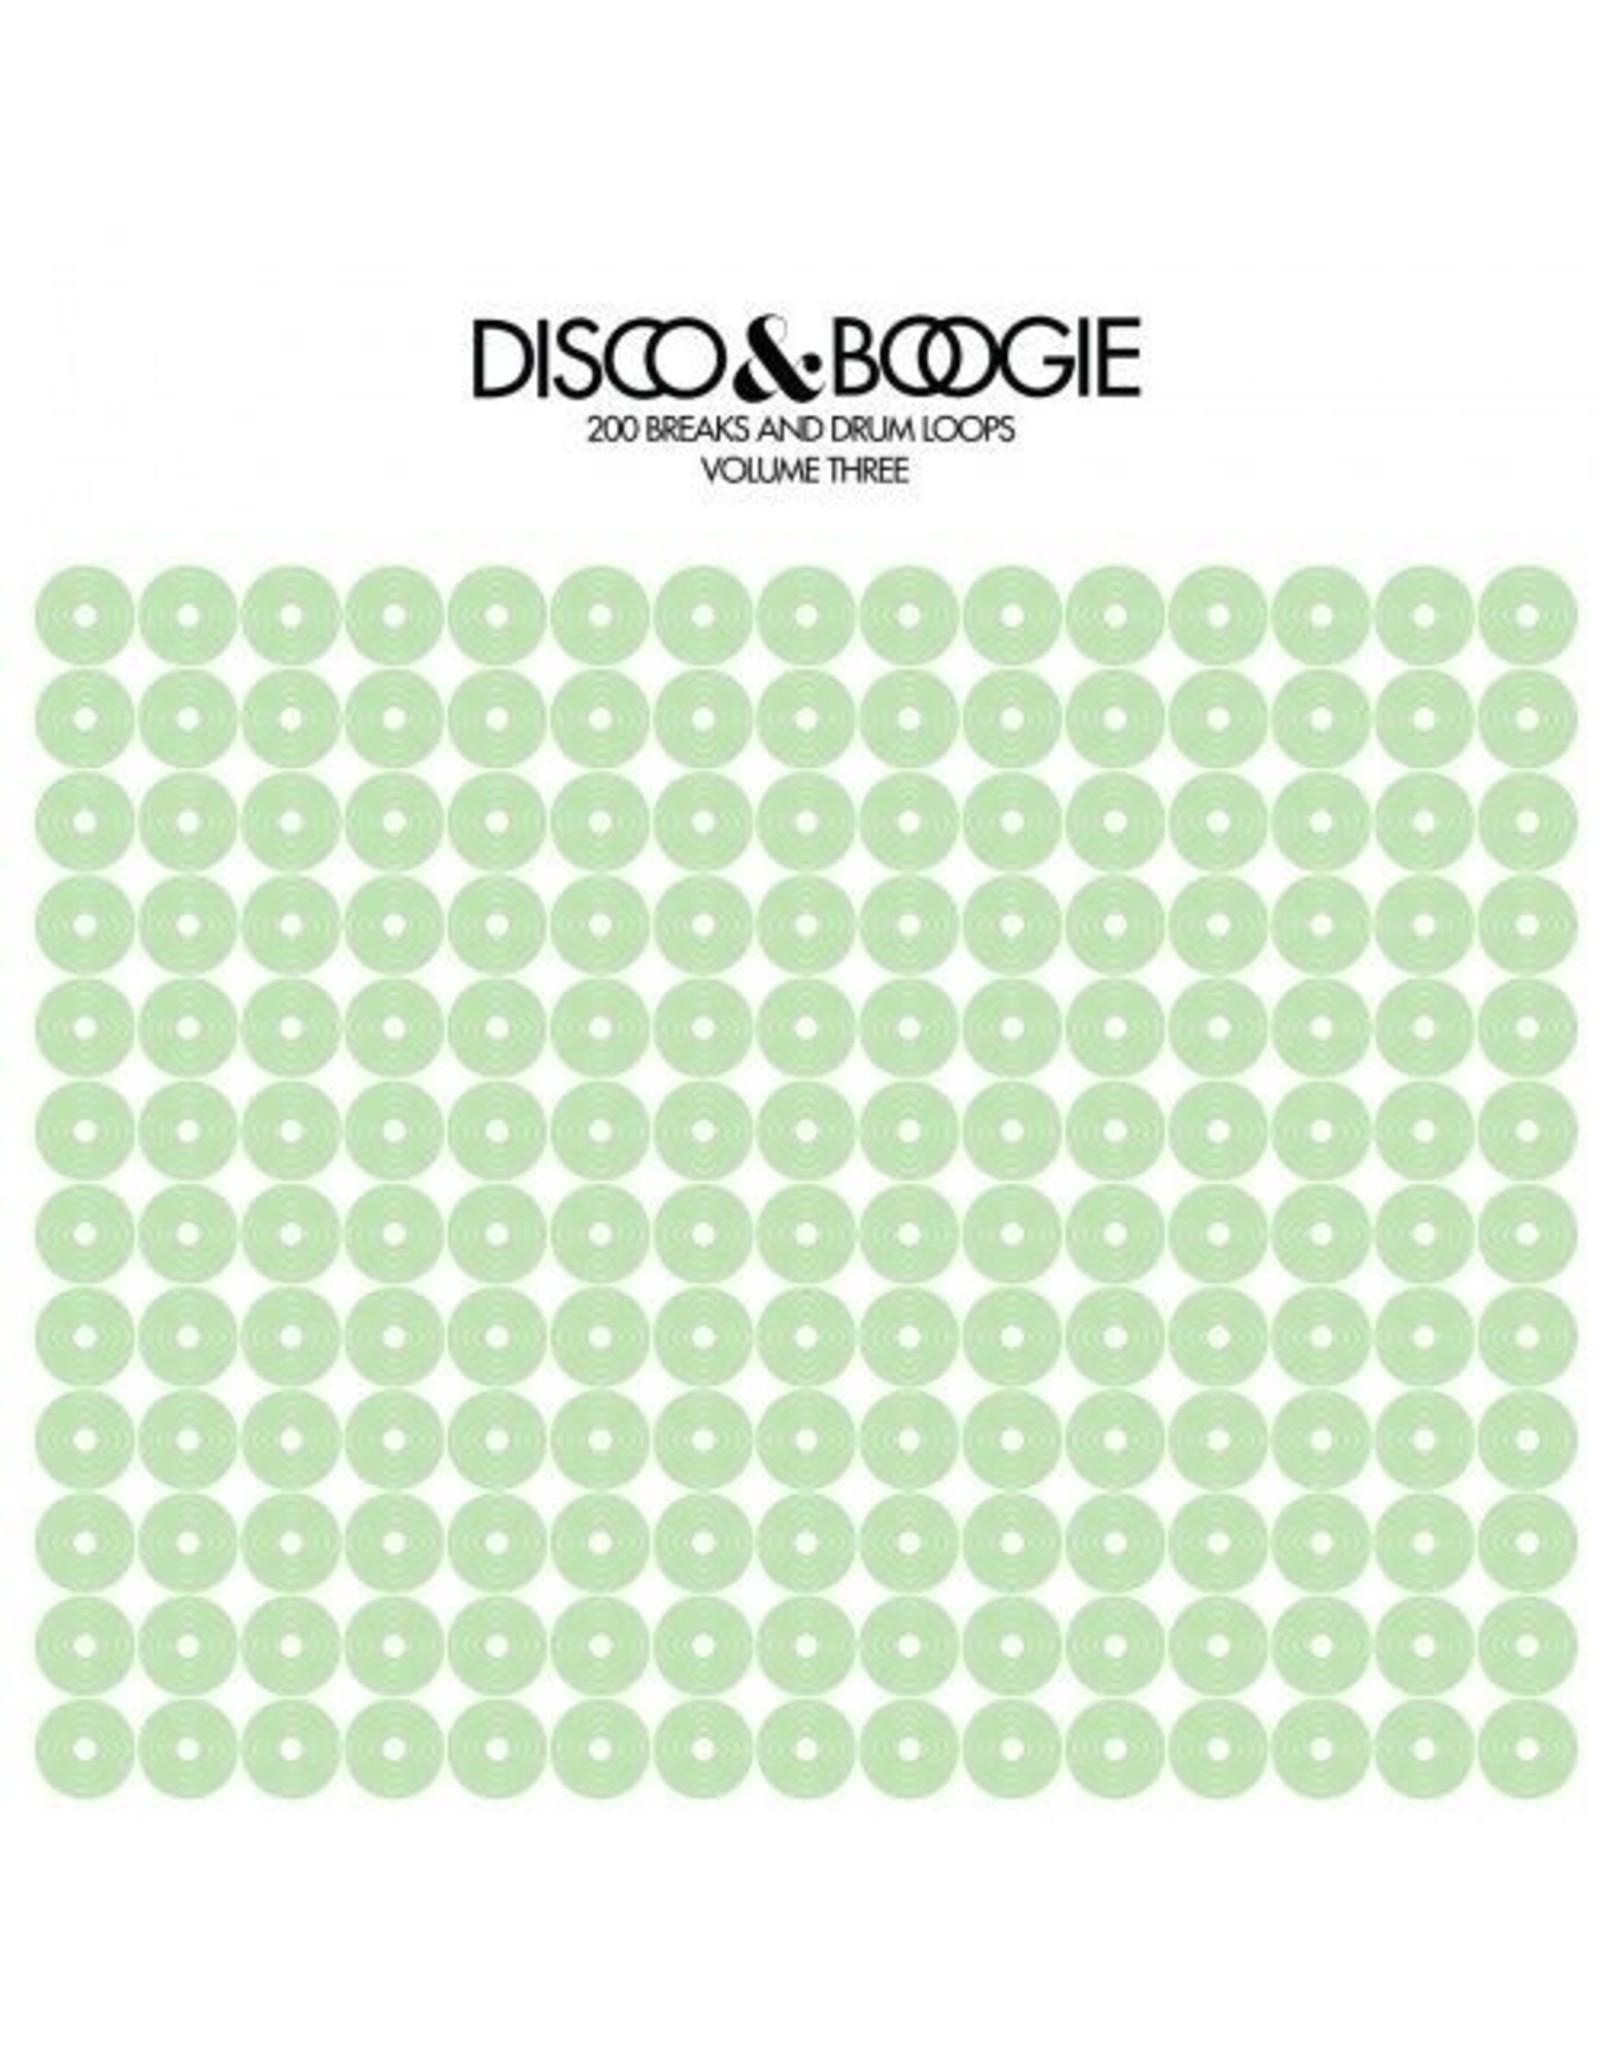 New Vinyl Disco & Boogie - 200 Breaks & Drum Loops Vol. 3 LP